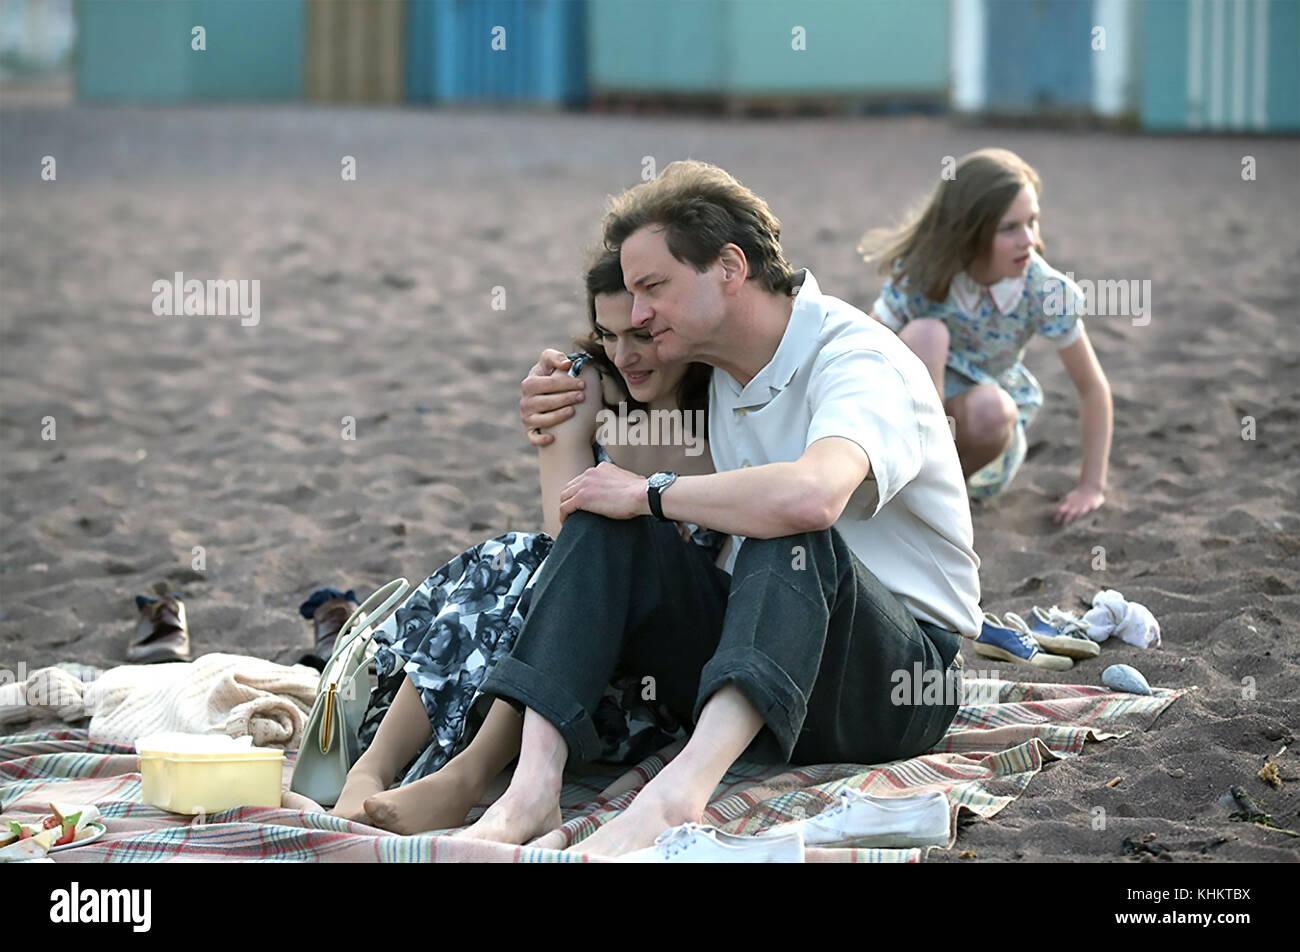 La misericordia 2017 film con Rachel Weisz e Colin Firth Immagini Stock